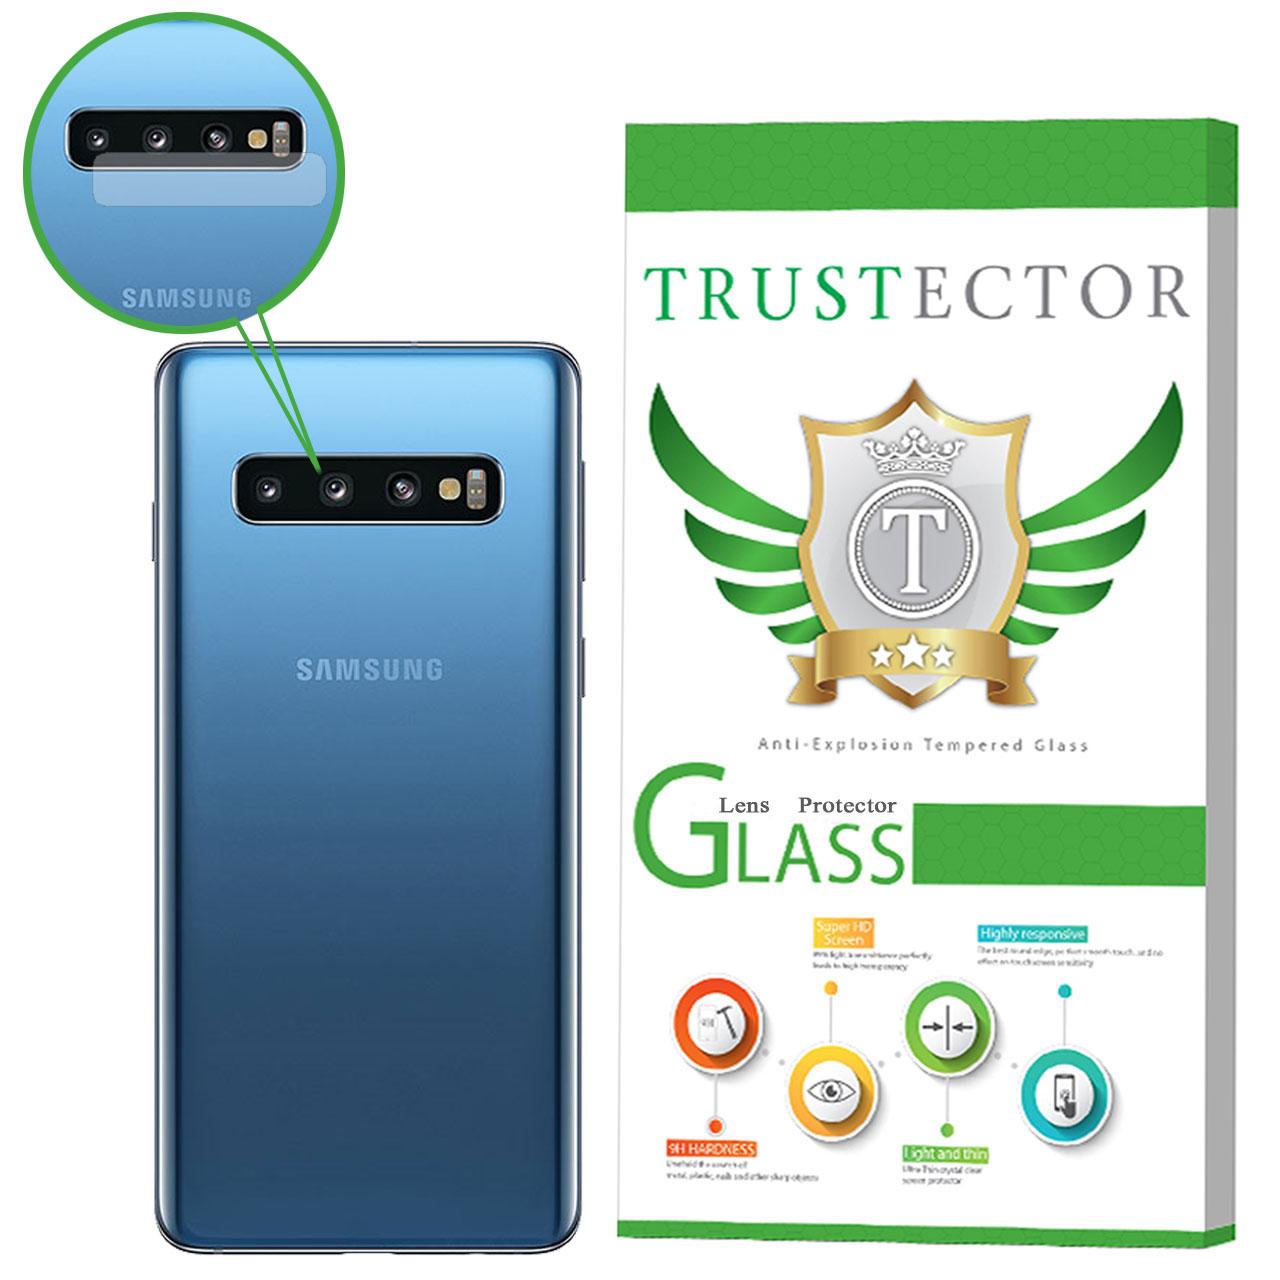 محافظ لنز دوربین تراستکتور مدل CLP مناسب برای گوشی موبایل سامسونگ Galaxy S10 Plus                ( قیمت و خرید)